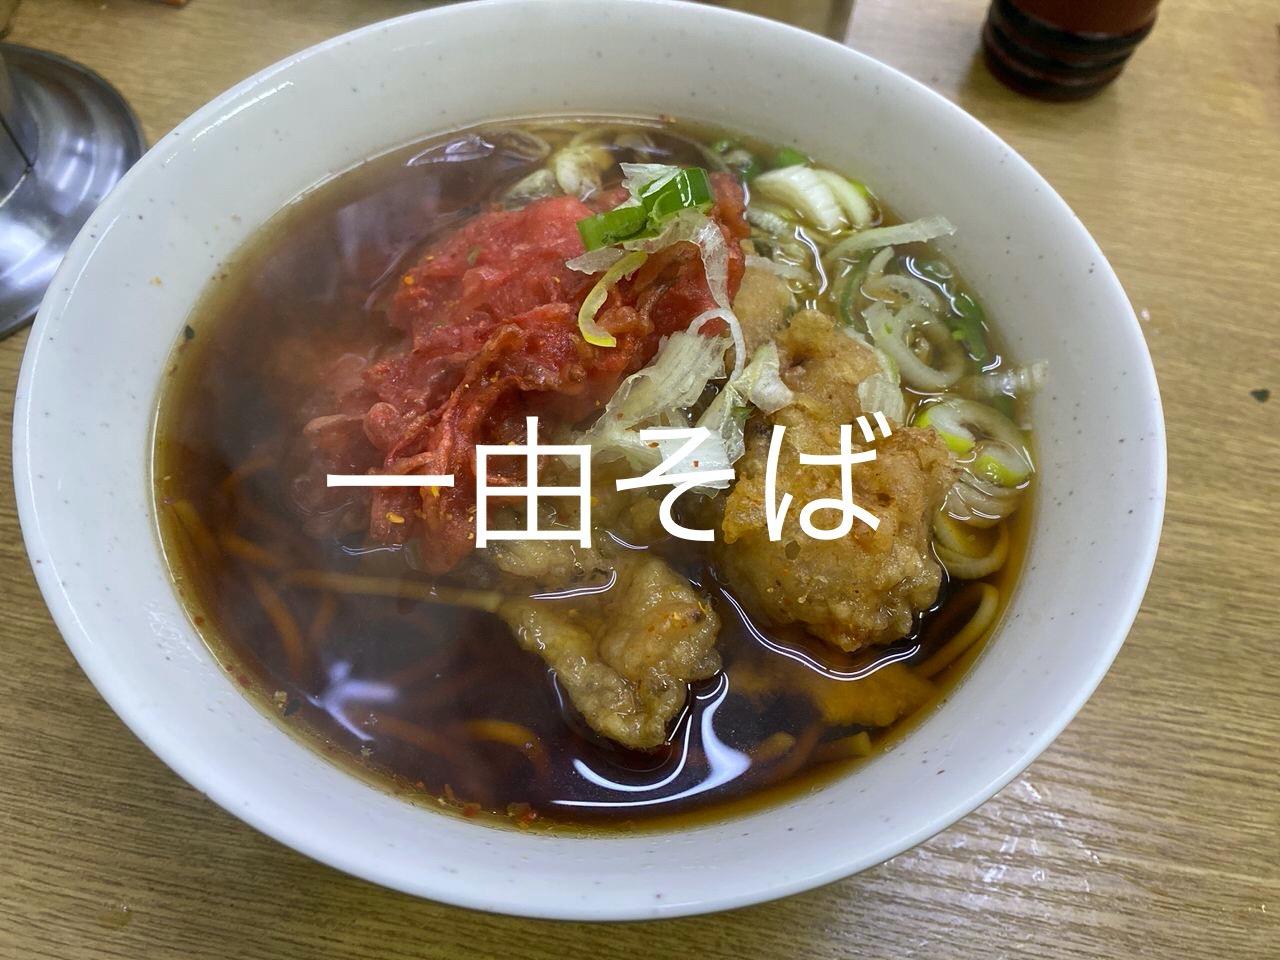 「一由そば」大きなゲソ天と紅生姜天を入れて470円と安くて美味い上に24時間営業(日暮里)